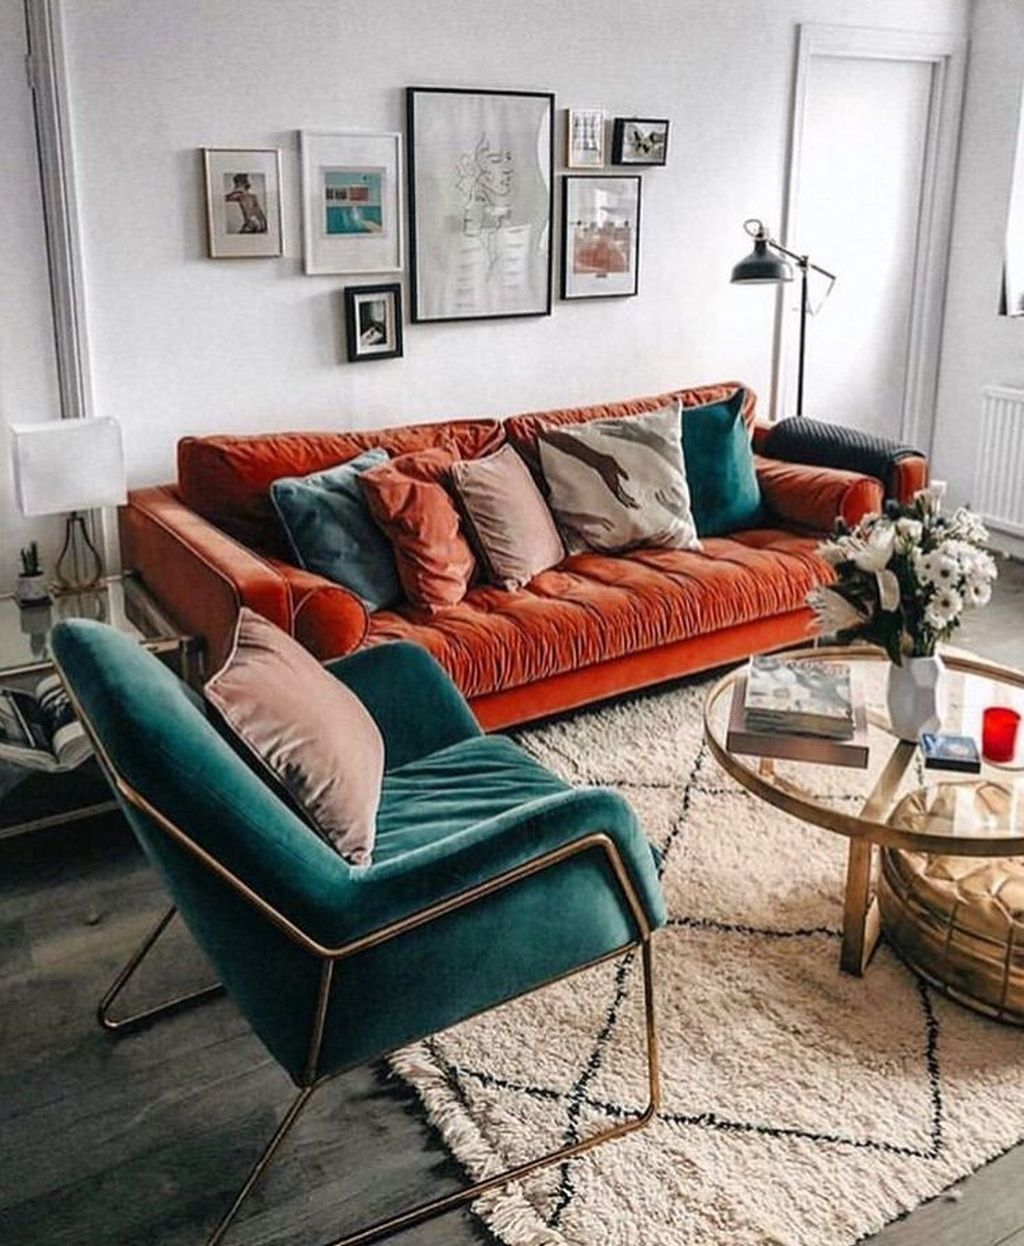 Stunning Mid Century Apartment Decor Ideas 29